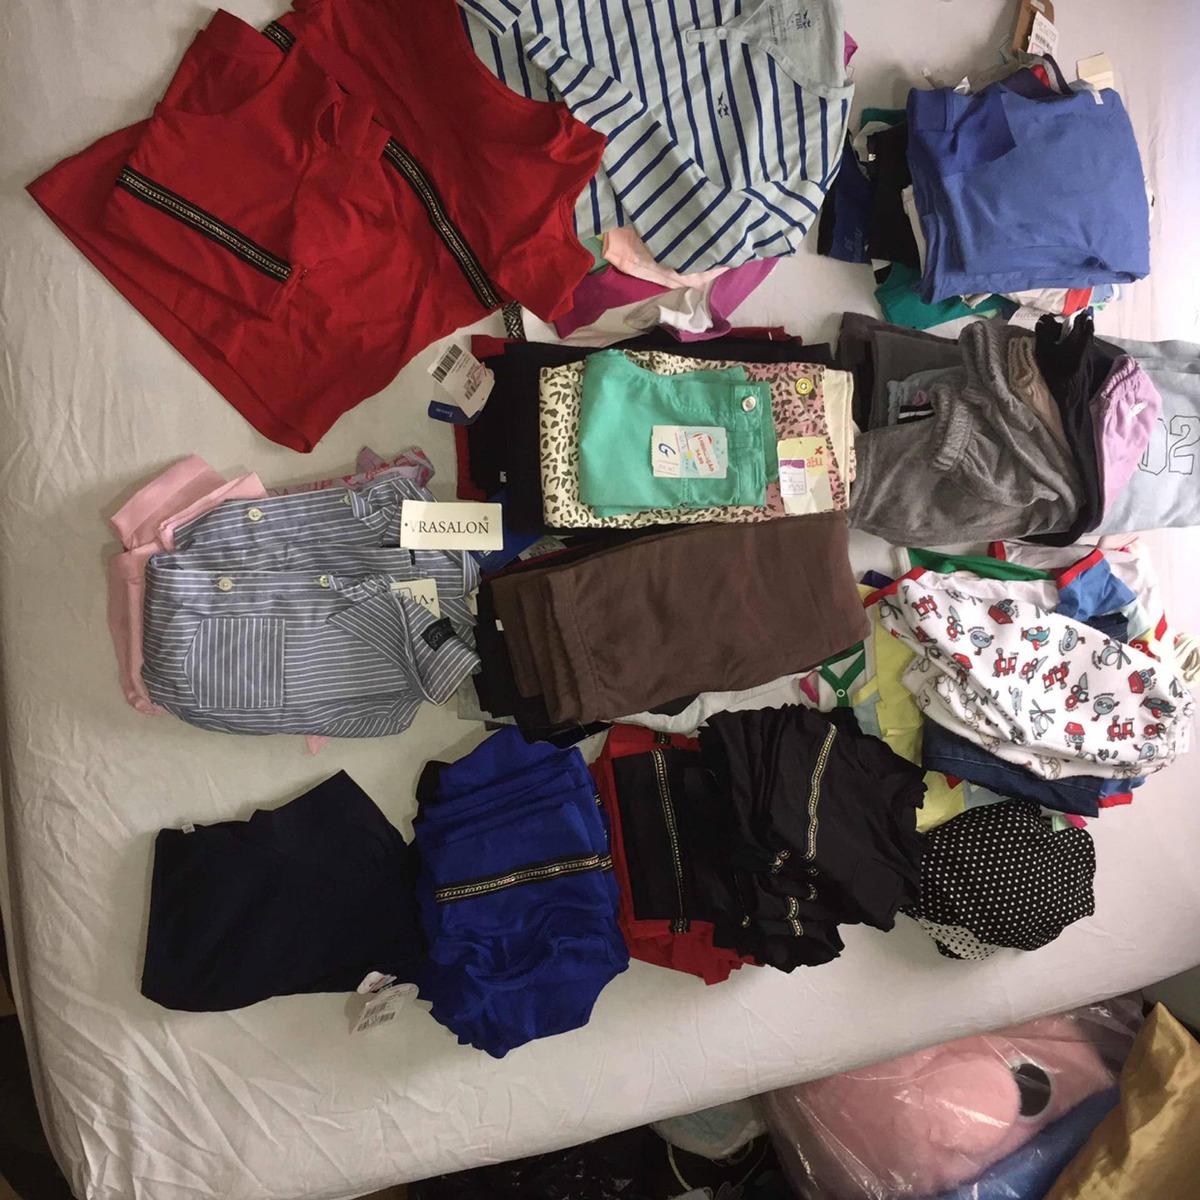 a64b70f373 Vendo Lote De Roupas Para Bebê E Infantis 108 Peças - R  648